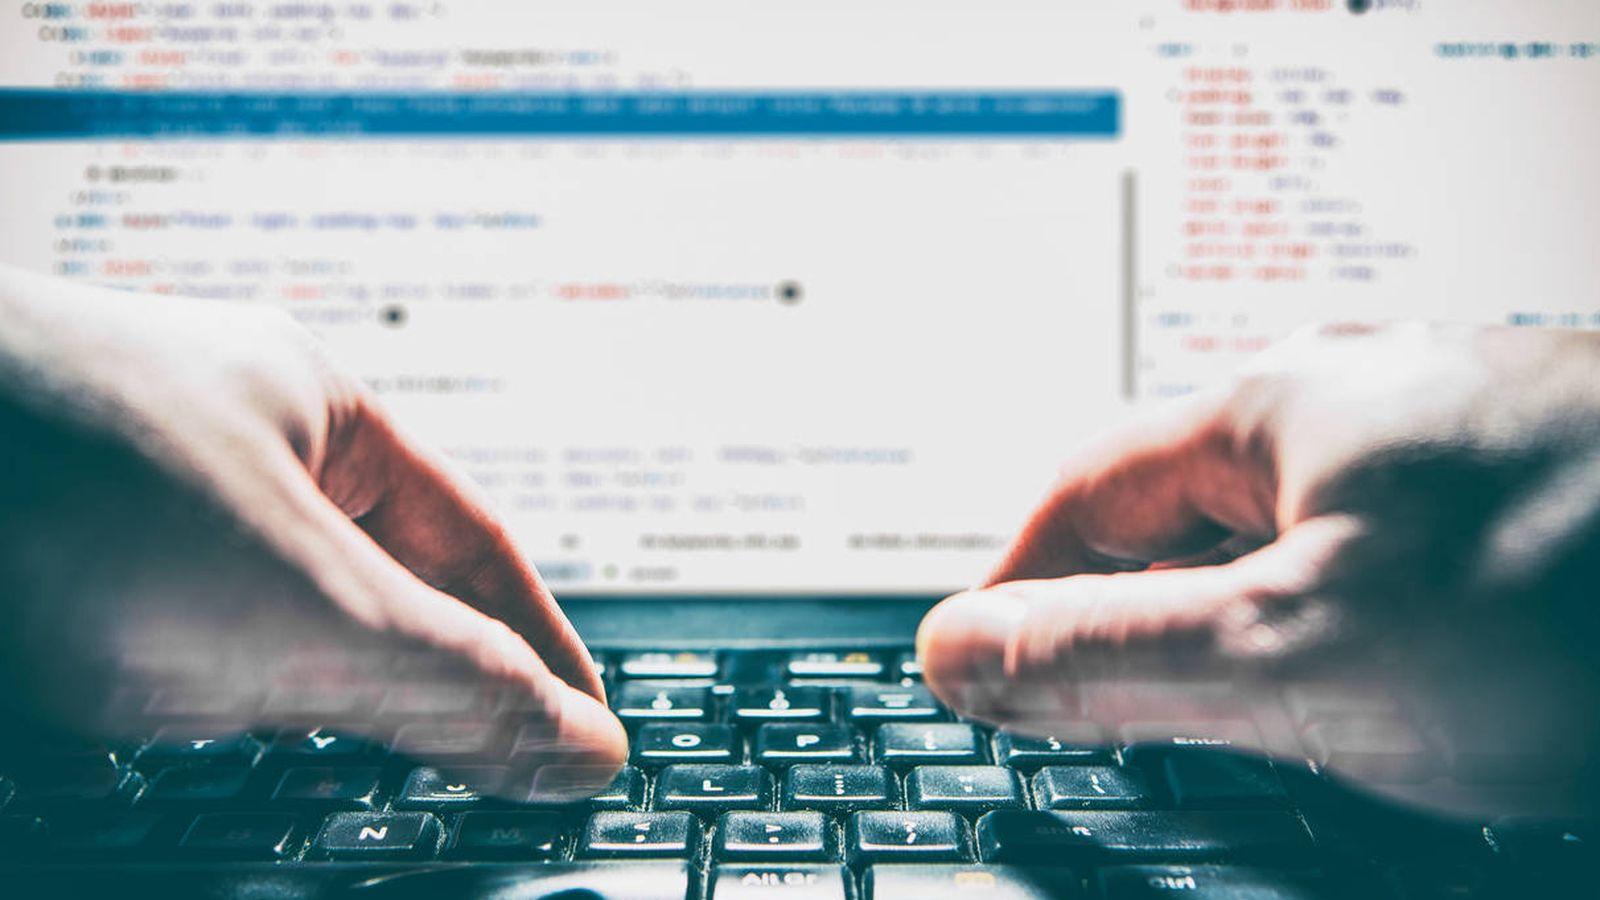 Programación: ¿Quieres aprender a programar? 5 consejos para conseguirlo y  dar un giro a tu carrera